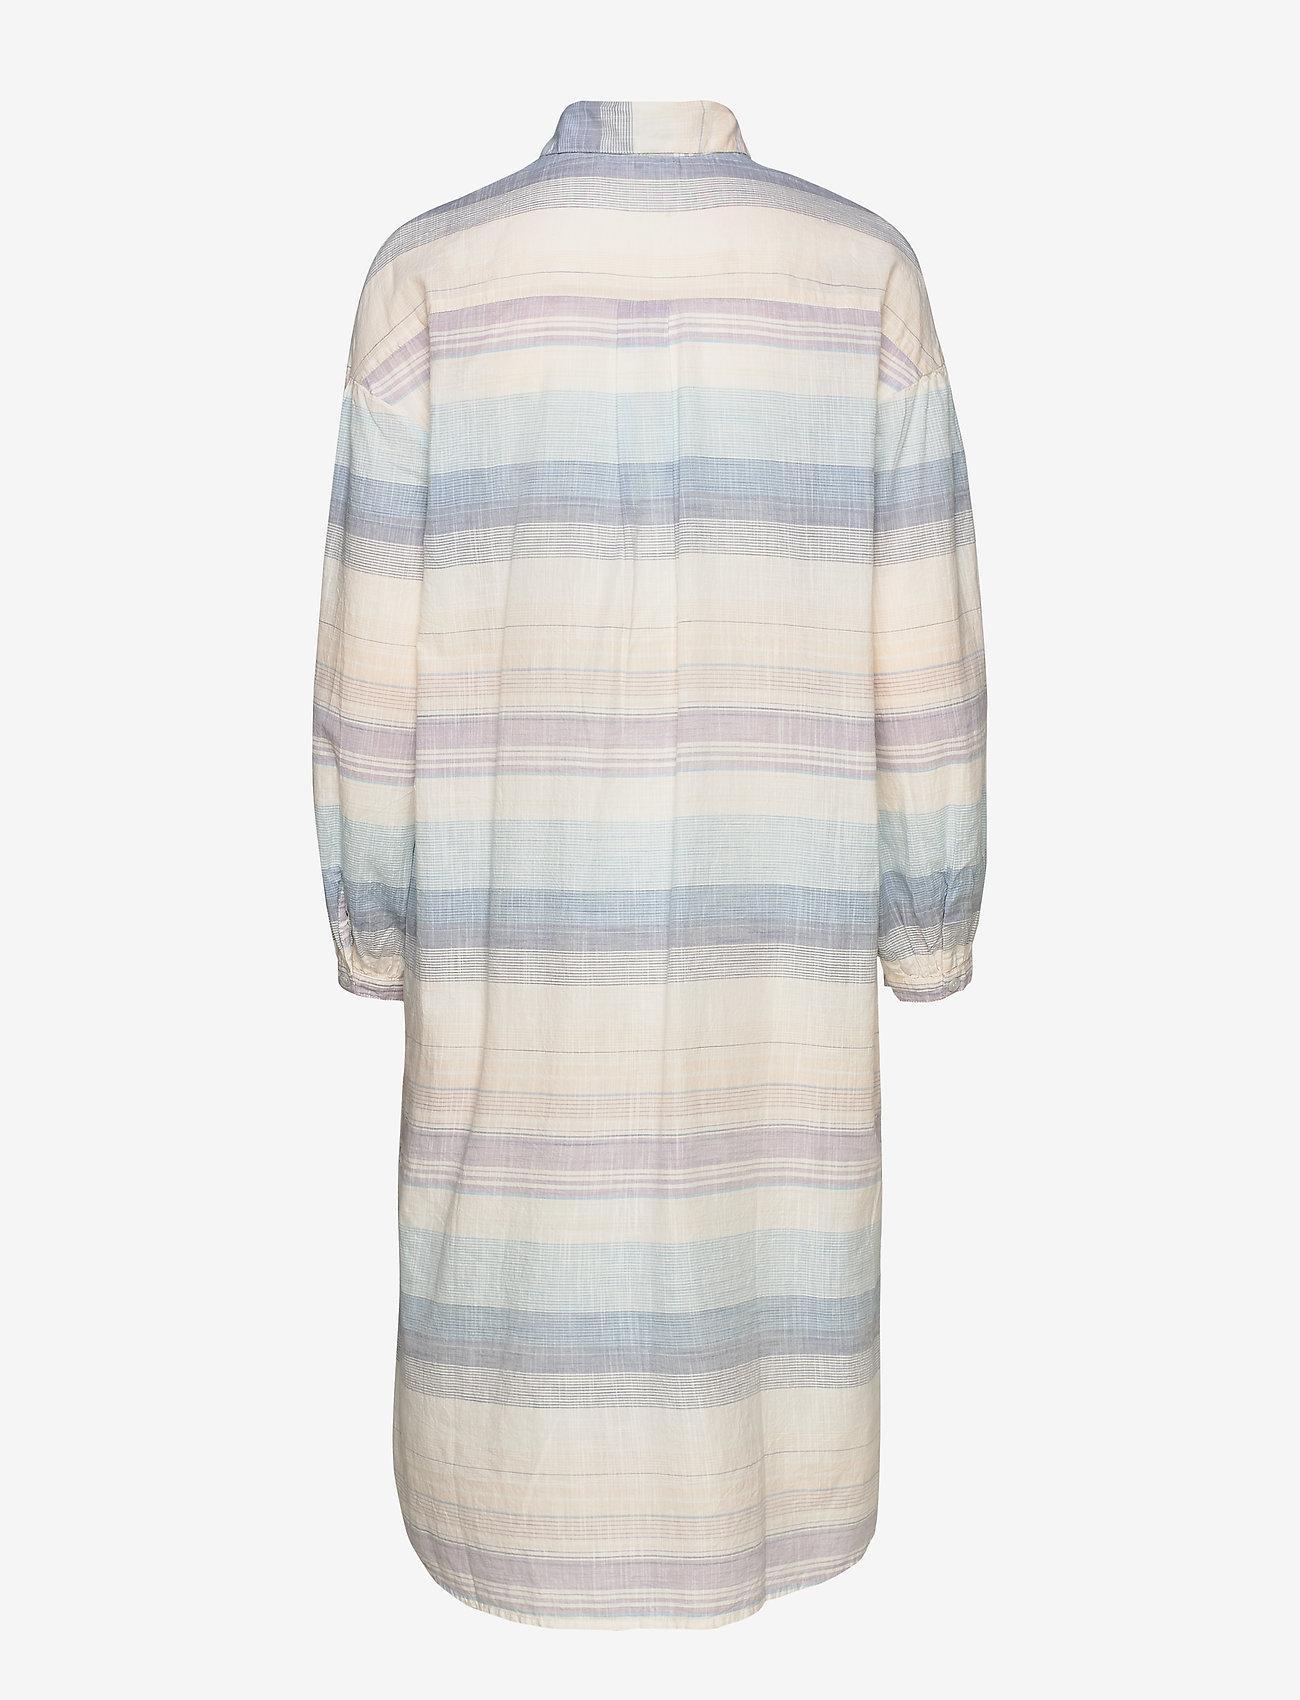 Manola Dress (Eventide) (1421.25 kr) - Lovechild 1979